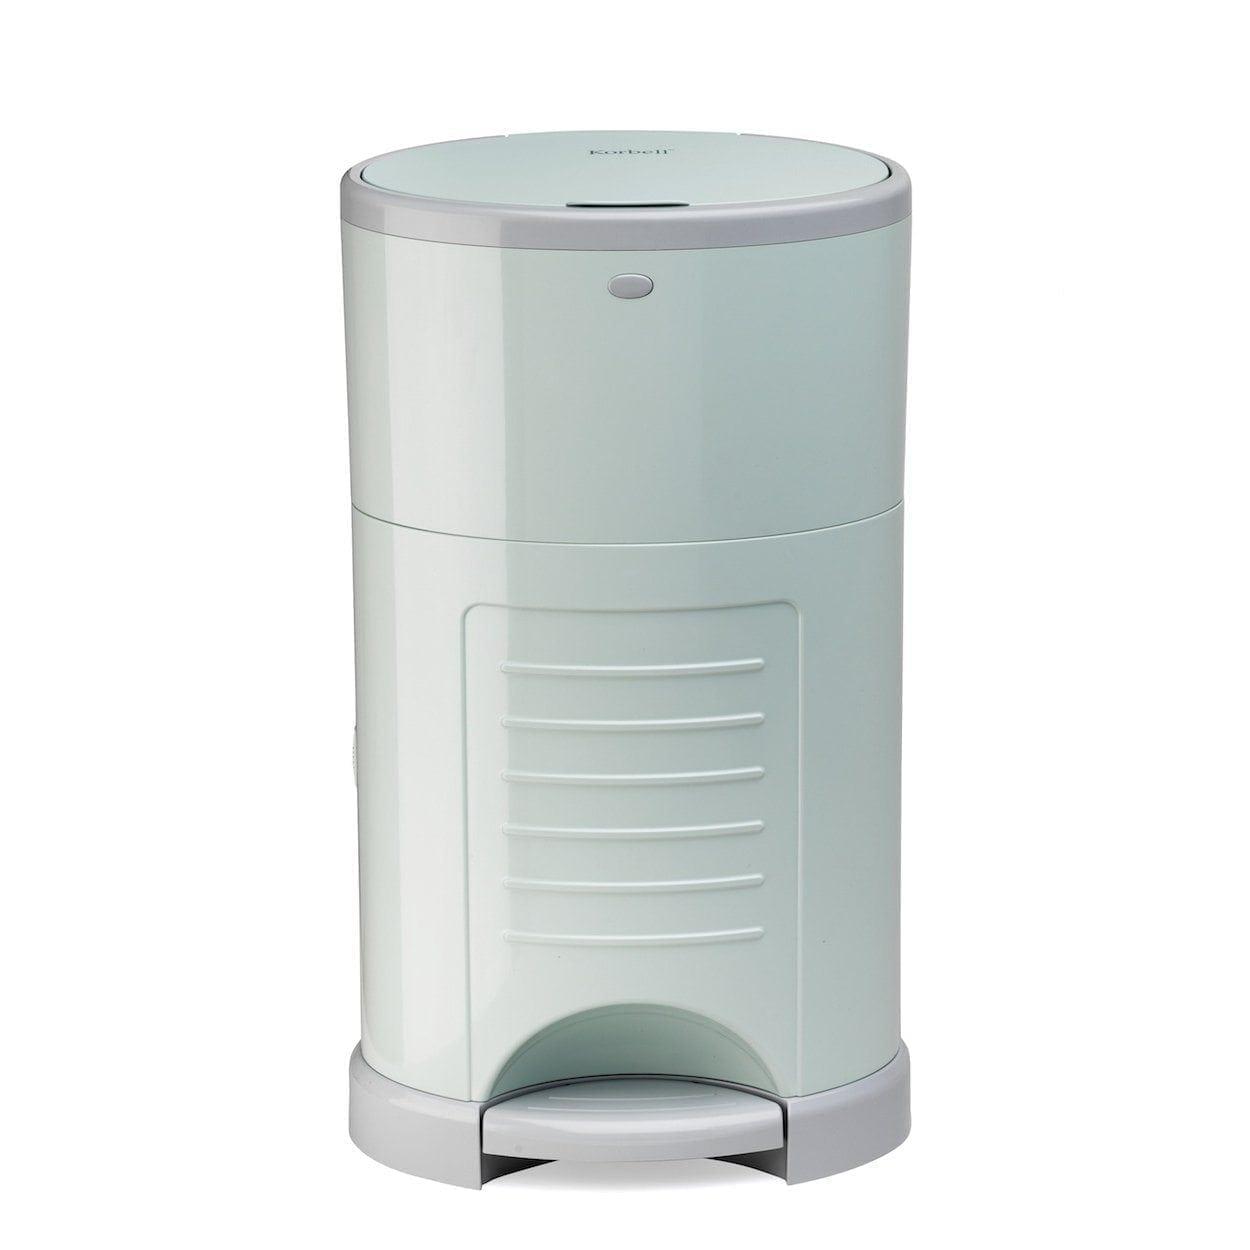 Korbell-16-litre-nappy-bin-mint-green-front